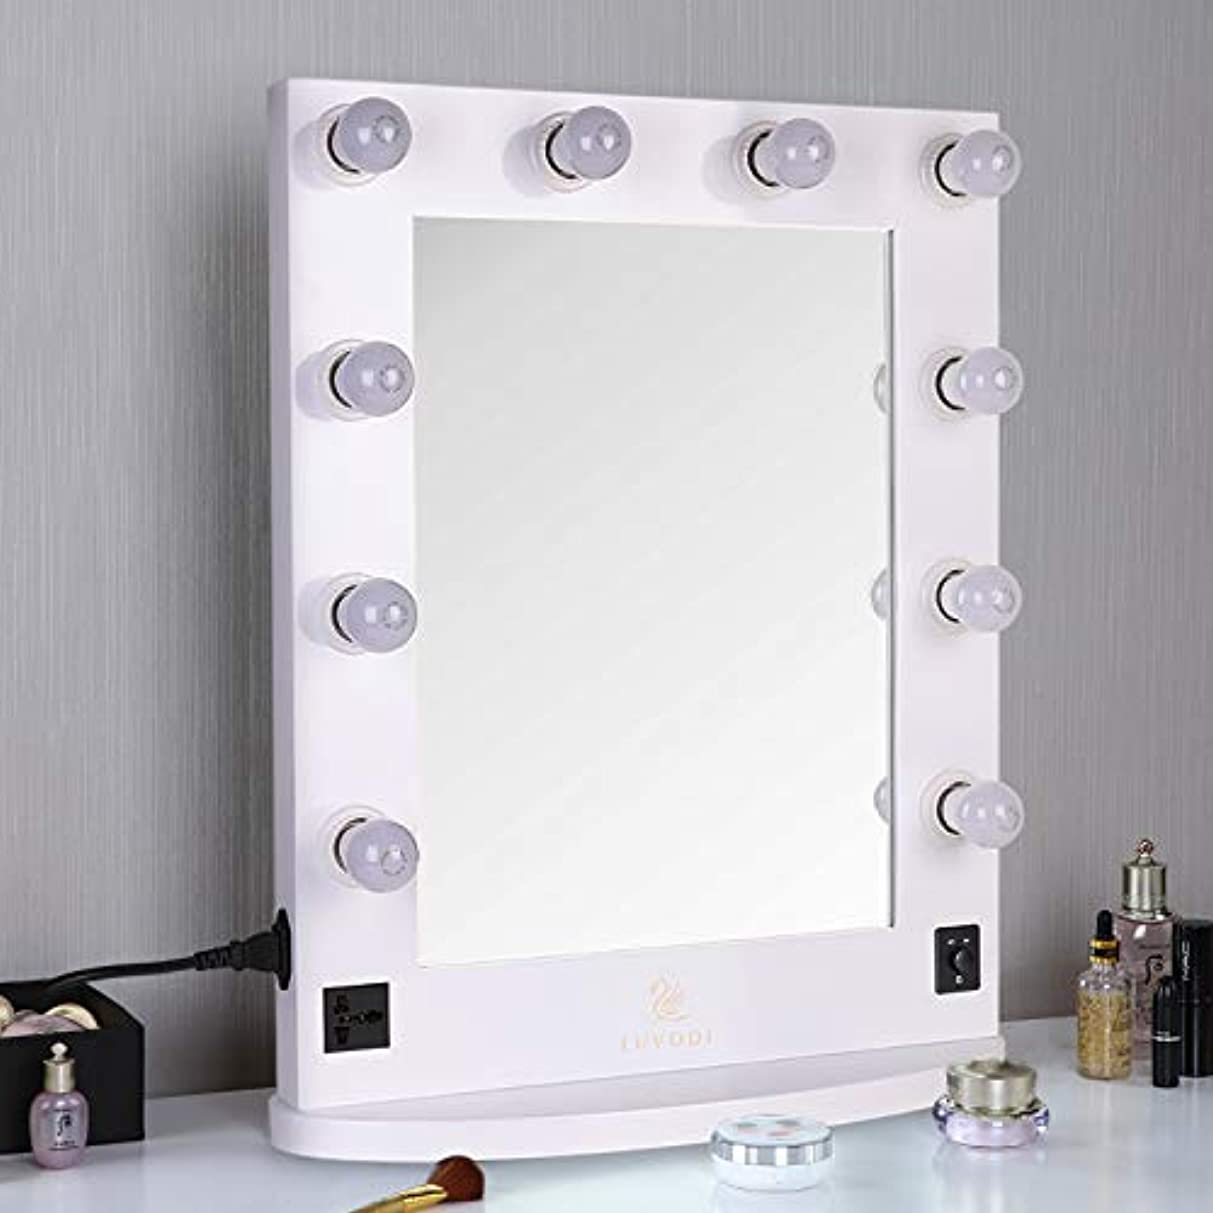 看板量で眠りLUVODI ハリウッドミラー 化粧鏡 化粧ミラー 女優ミラー led ライト付き 卓上鏡 スタンド 卓上/壁掛け 鏡 2Way 大型 木製 明るさ調節可能(白)